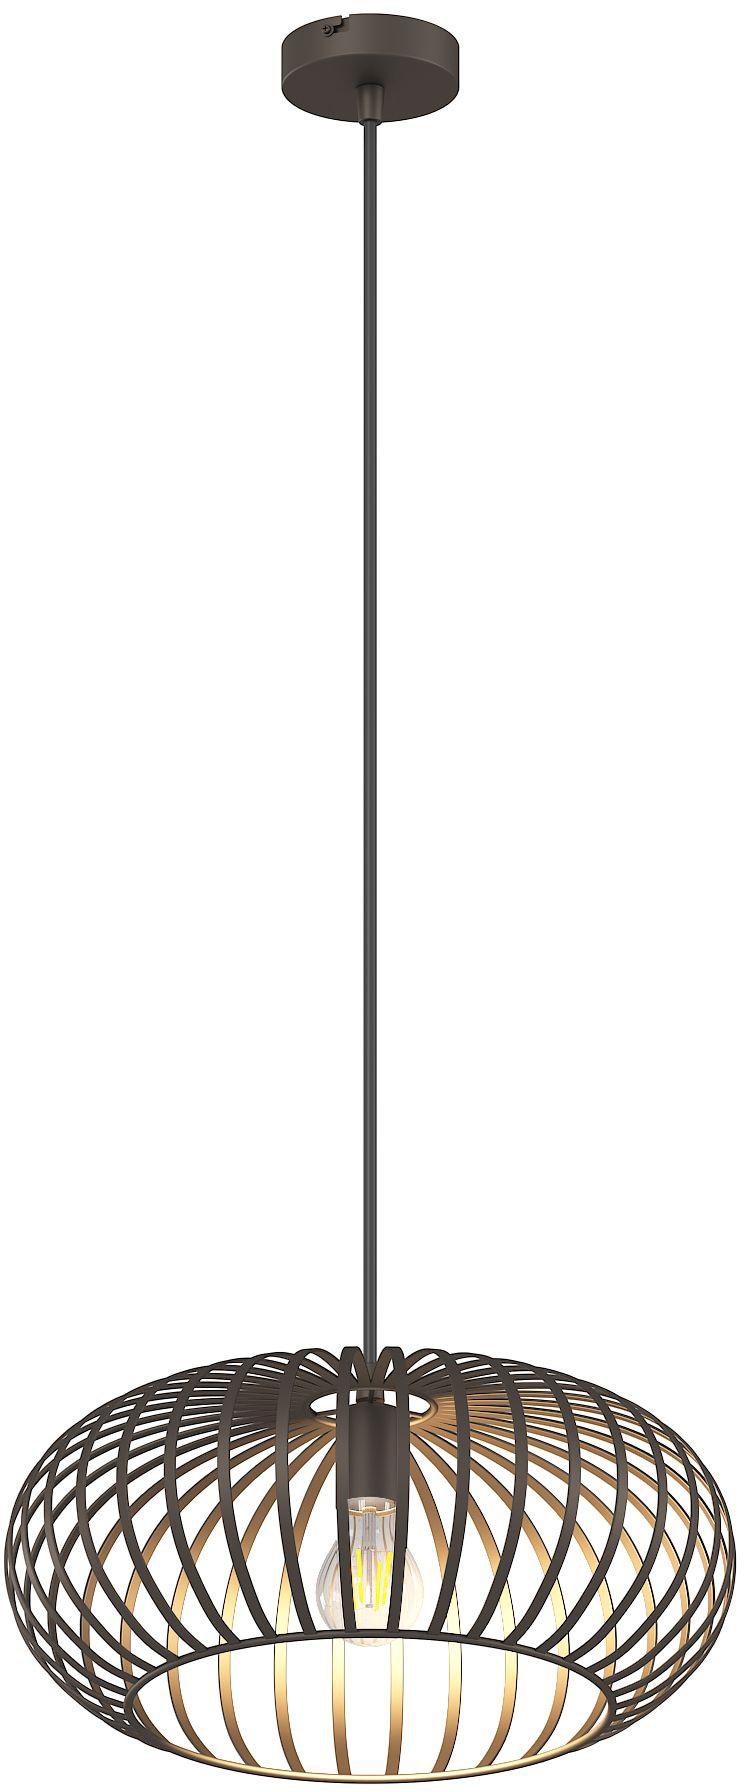 Nino Leuchten LED Pendelleuchte Max, E27, 1 St., Neutralweiß, inkl. 1x E27 Leuchtmittel